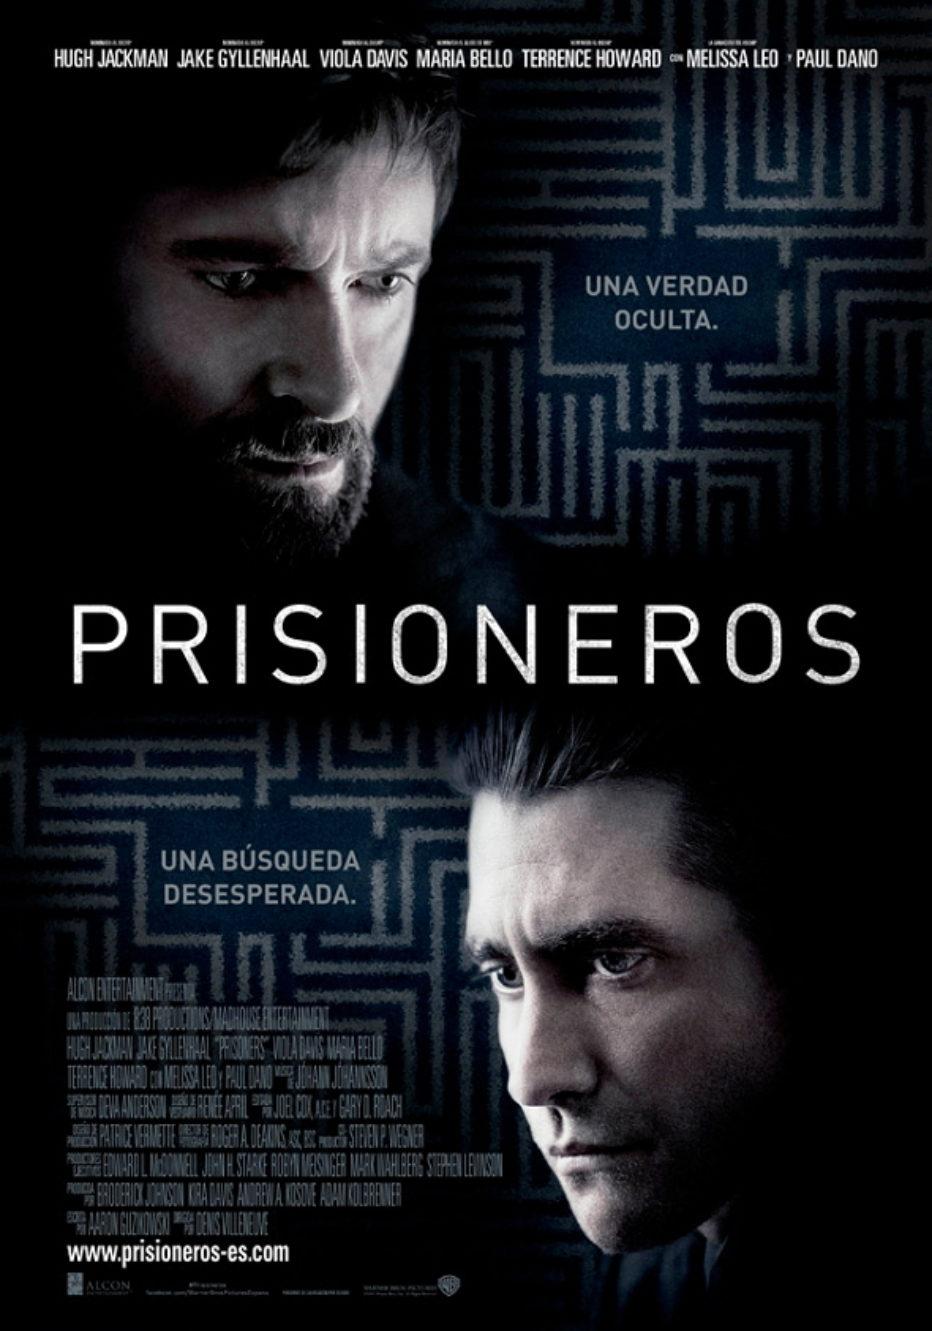 Prisoners: atrapados en su propuesta